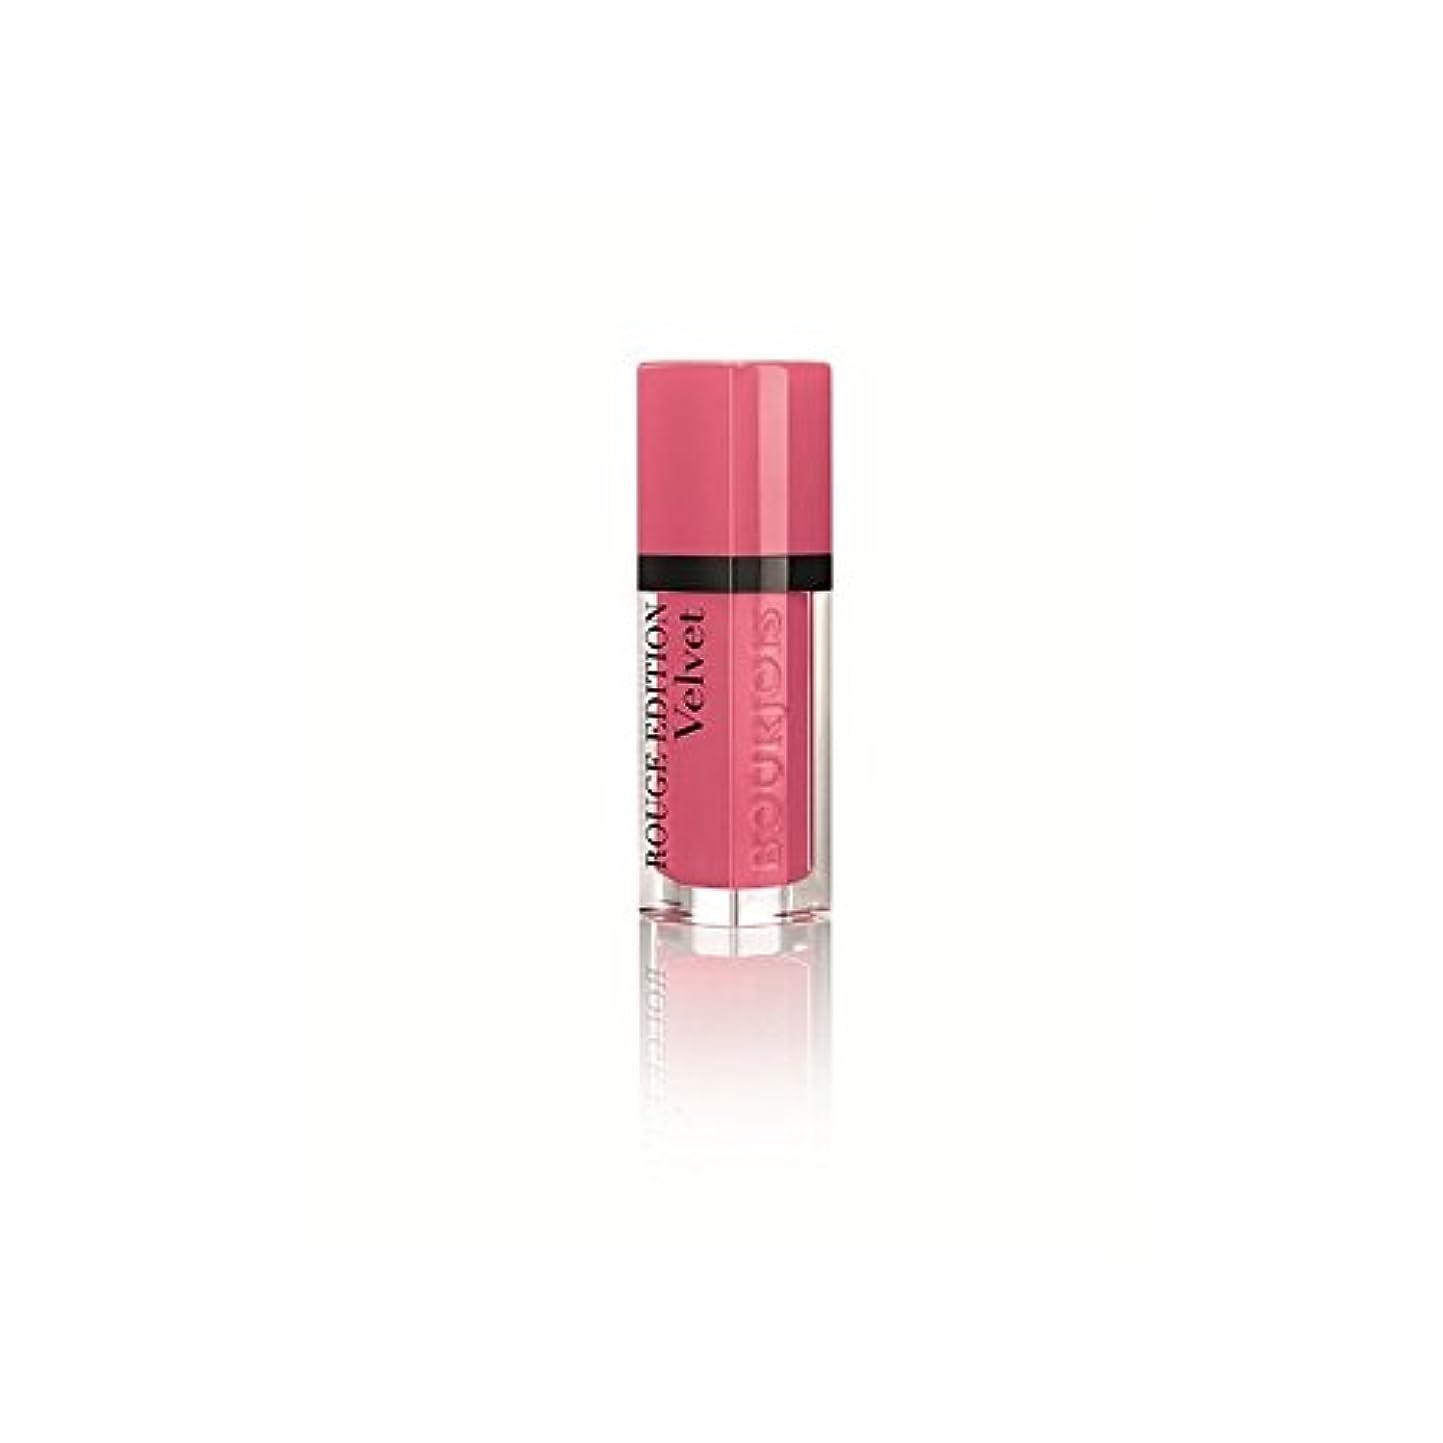 宿題をする眠るフリルBourjois Rouge Edition Velvet Lipstick So Hap'pink 11-11そう'ブルジョワルージュ版のベルベットの口紅 [並行輸入品]